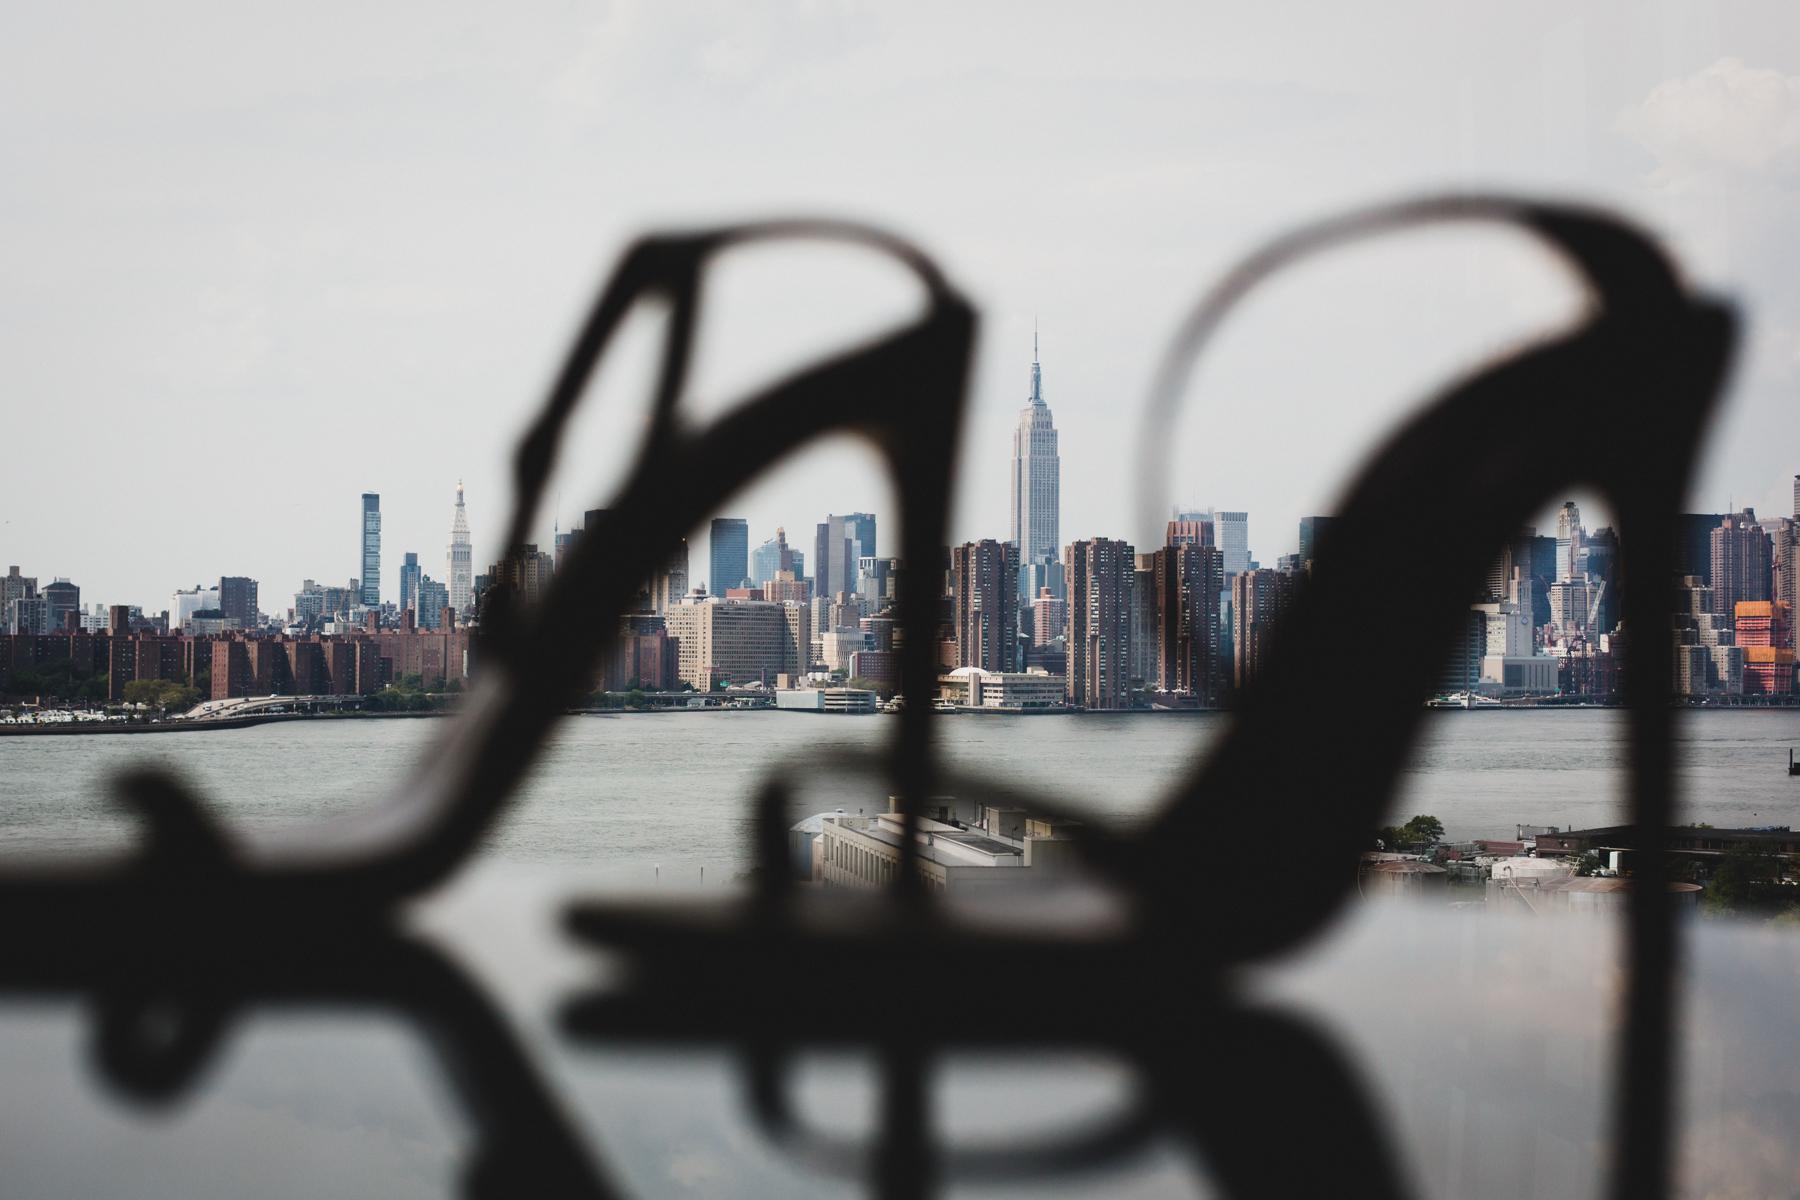 Wythe-Hotel-Green-Building-Brooklyn-Documentary-Wedding-Photography-9.jpg